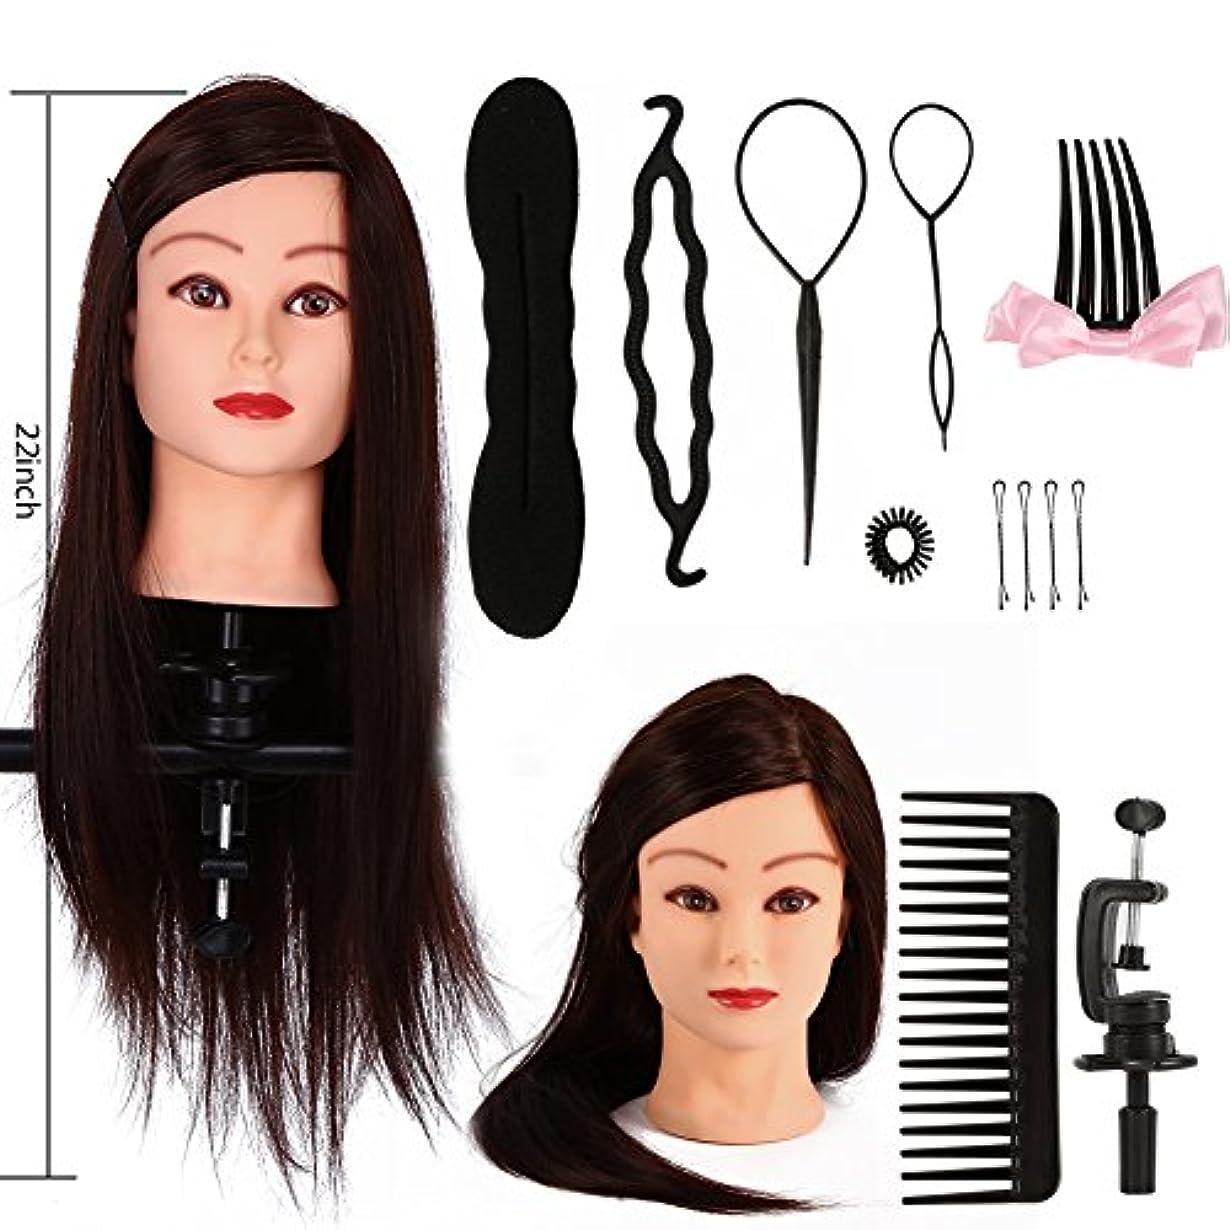 ラフレシアアルノルディ反射歴史的マネキンヘッド、美容院トレーニング実践ヘッドマネキンロング理髪+ブレードセットツール(1#)